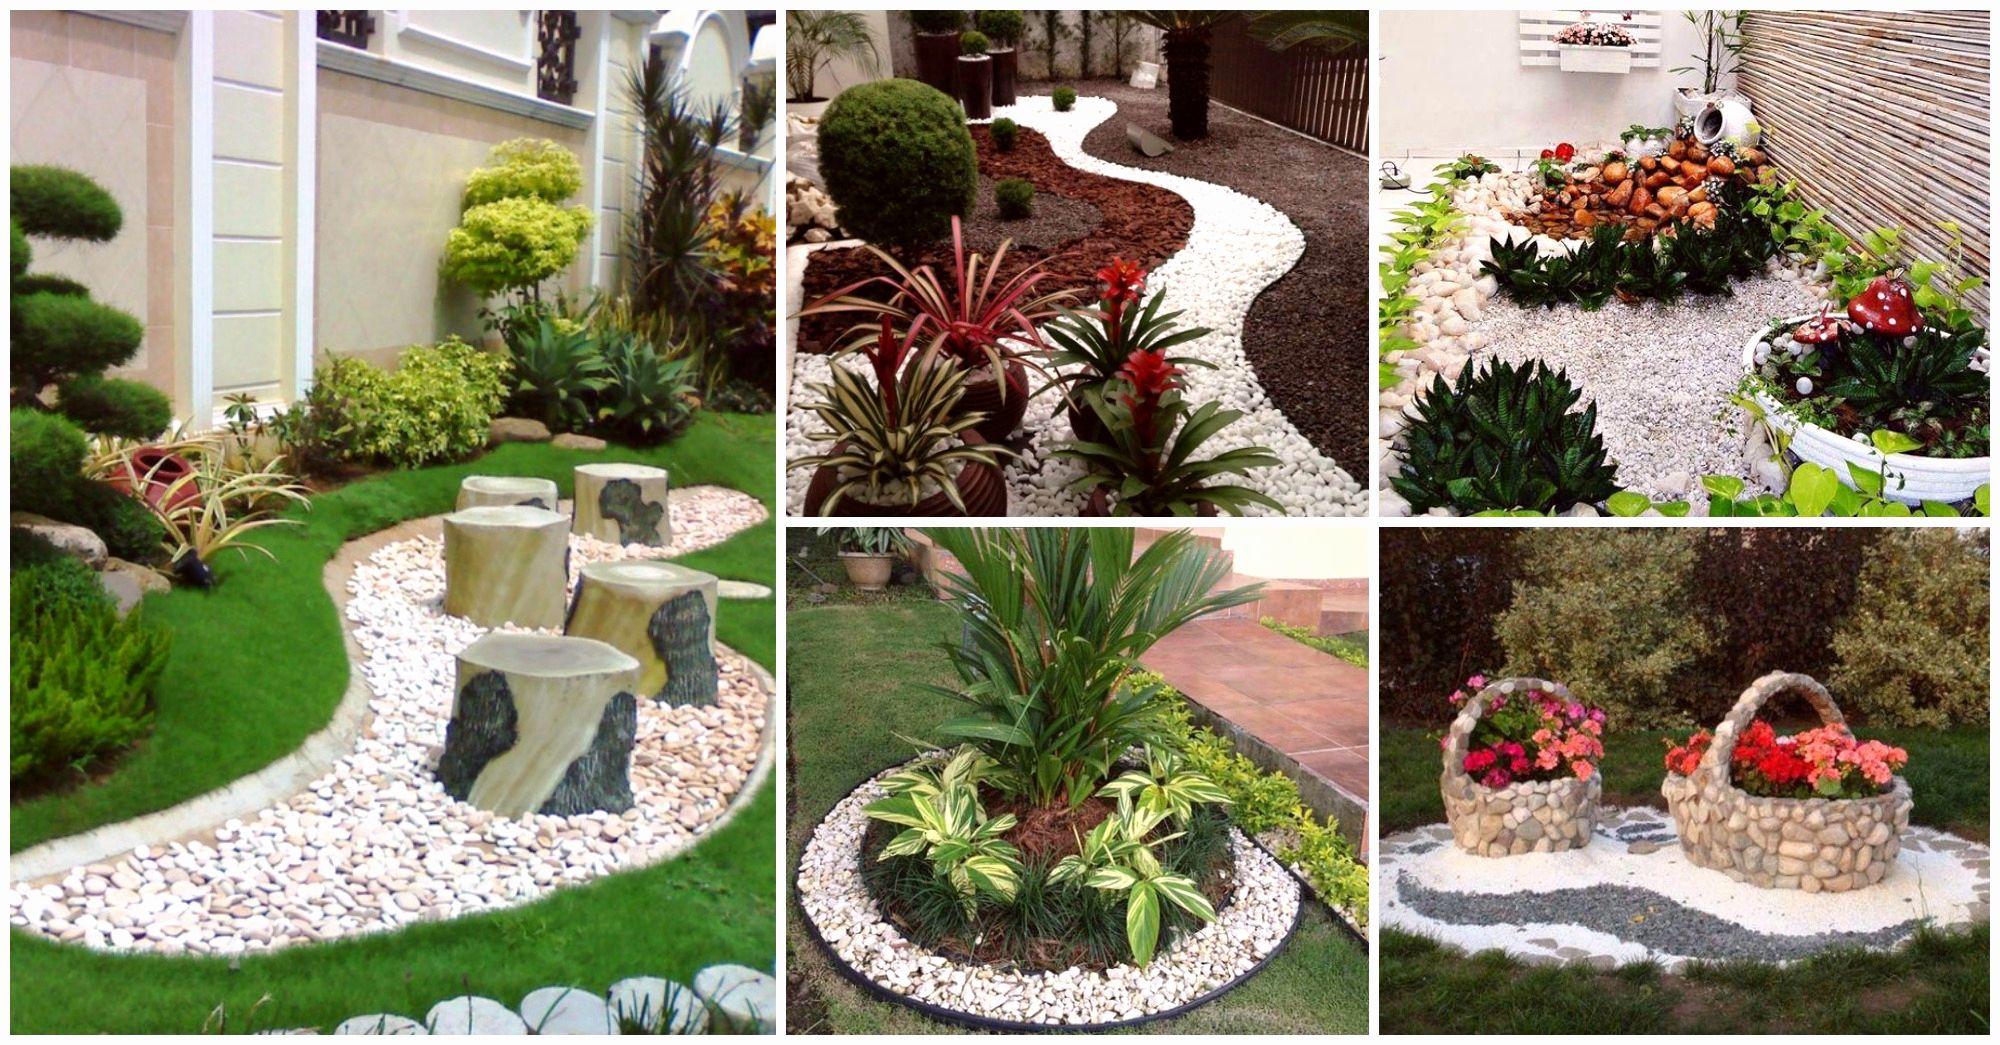 amenagement cour et jardin ou idee amenagement exterieur pas cher beau c2a2ec286a idee amenagement de amenagement cour et jardin